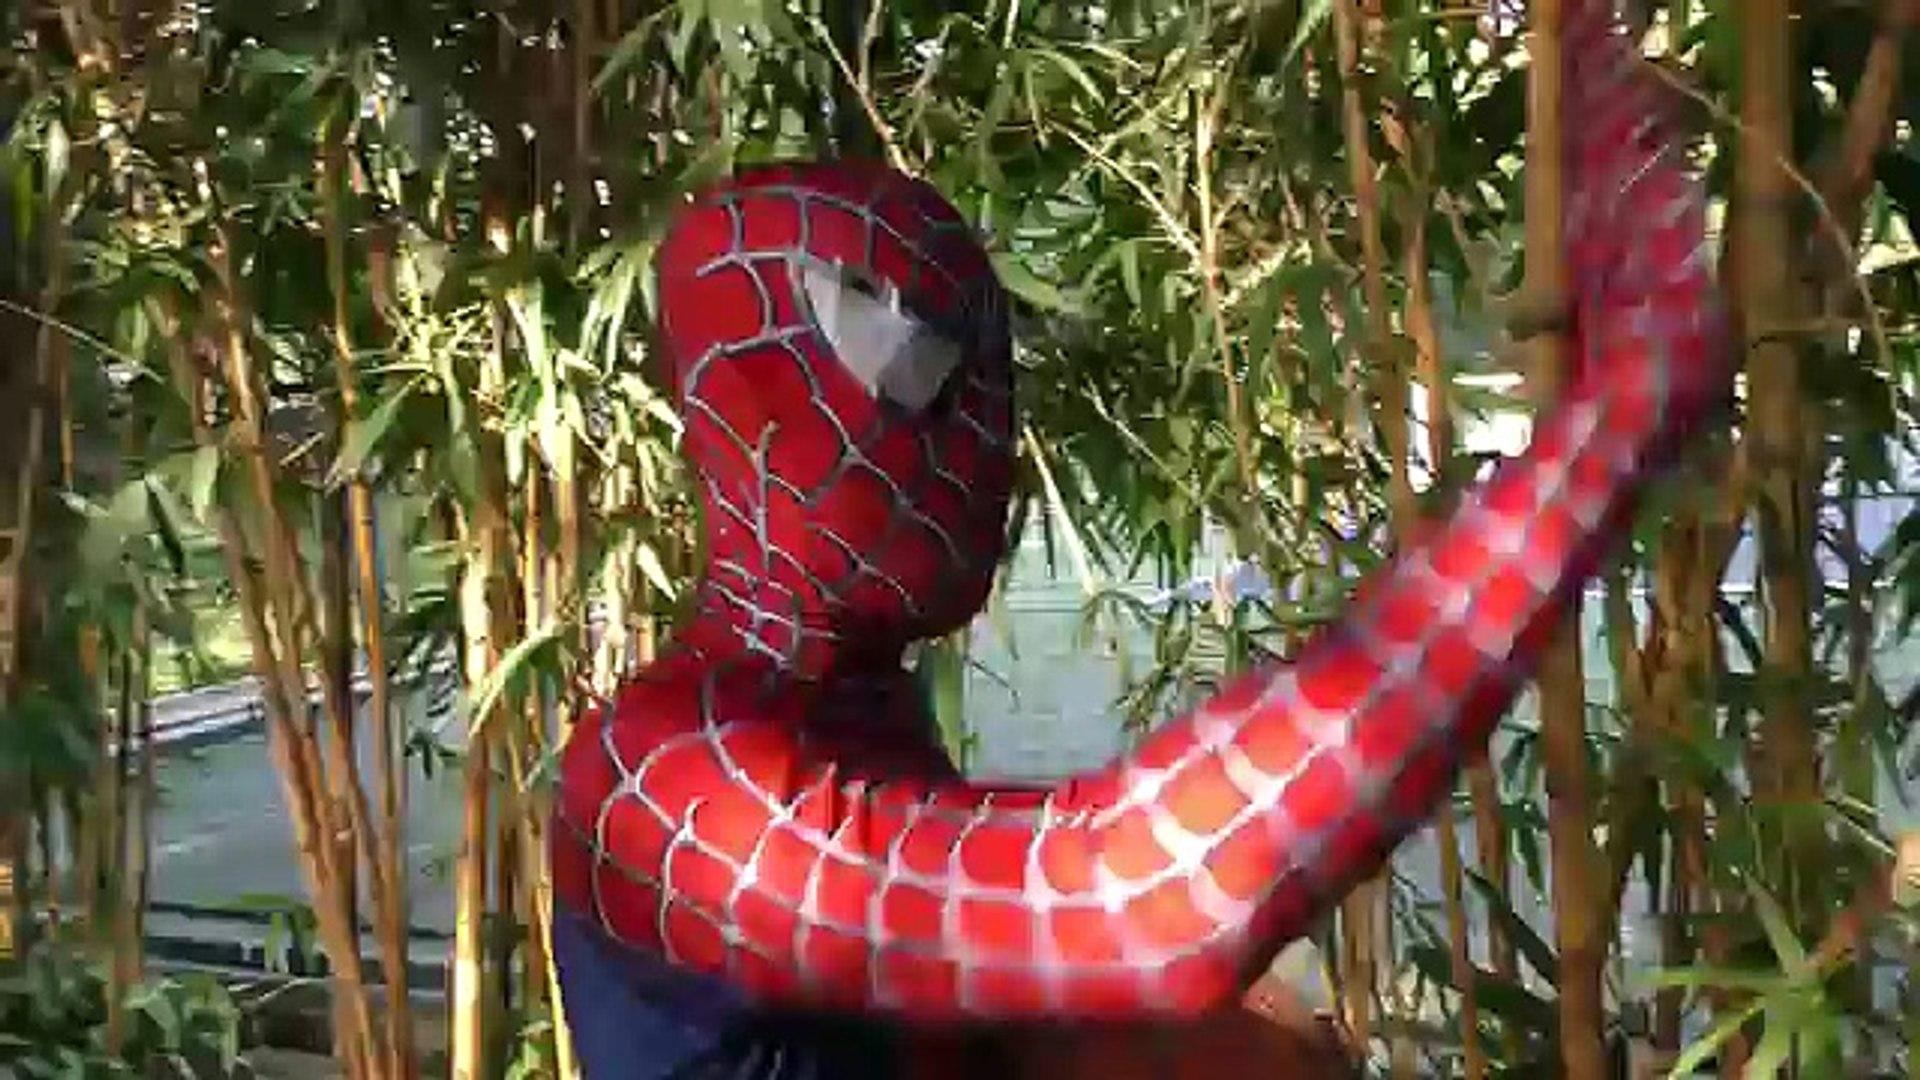 Spiderman Turn Were Wolf! Superheroes Monster Joker Venom Hulk Muscle Action Movies Wolf Spider